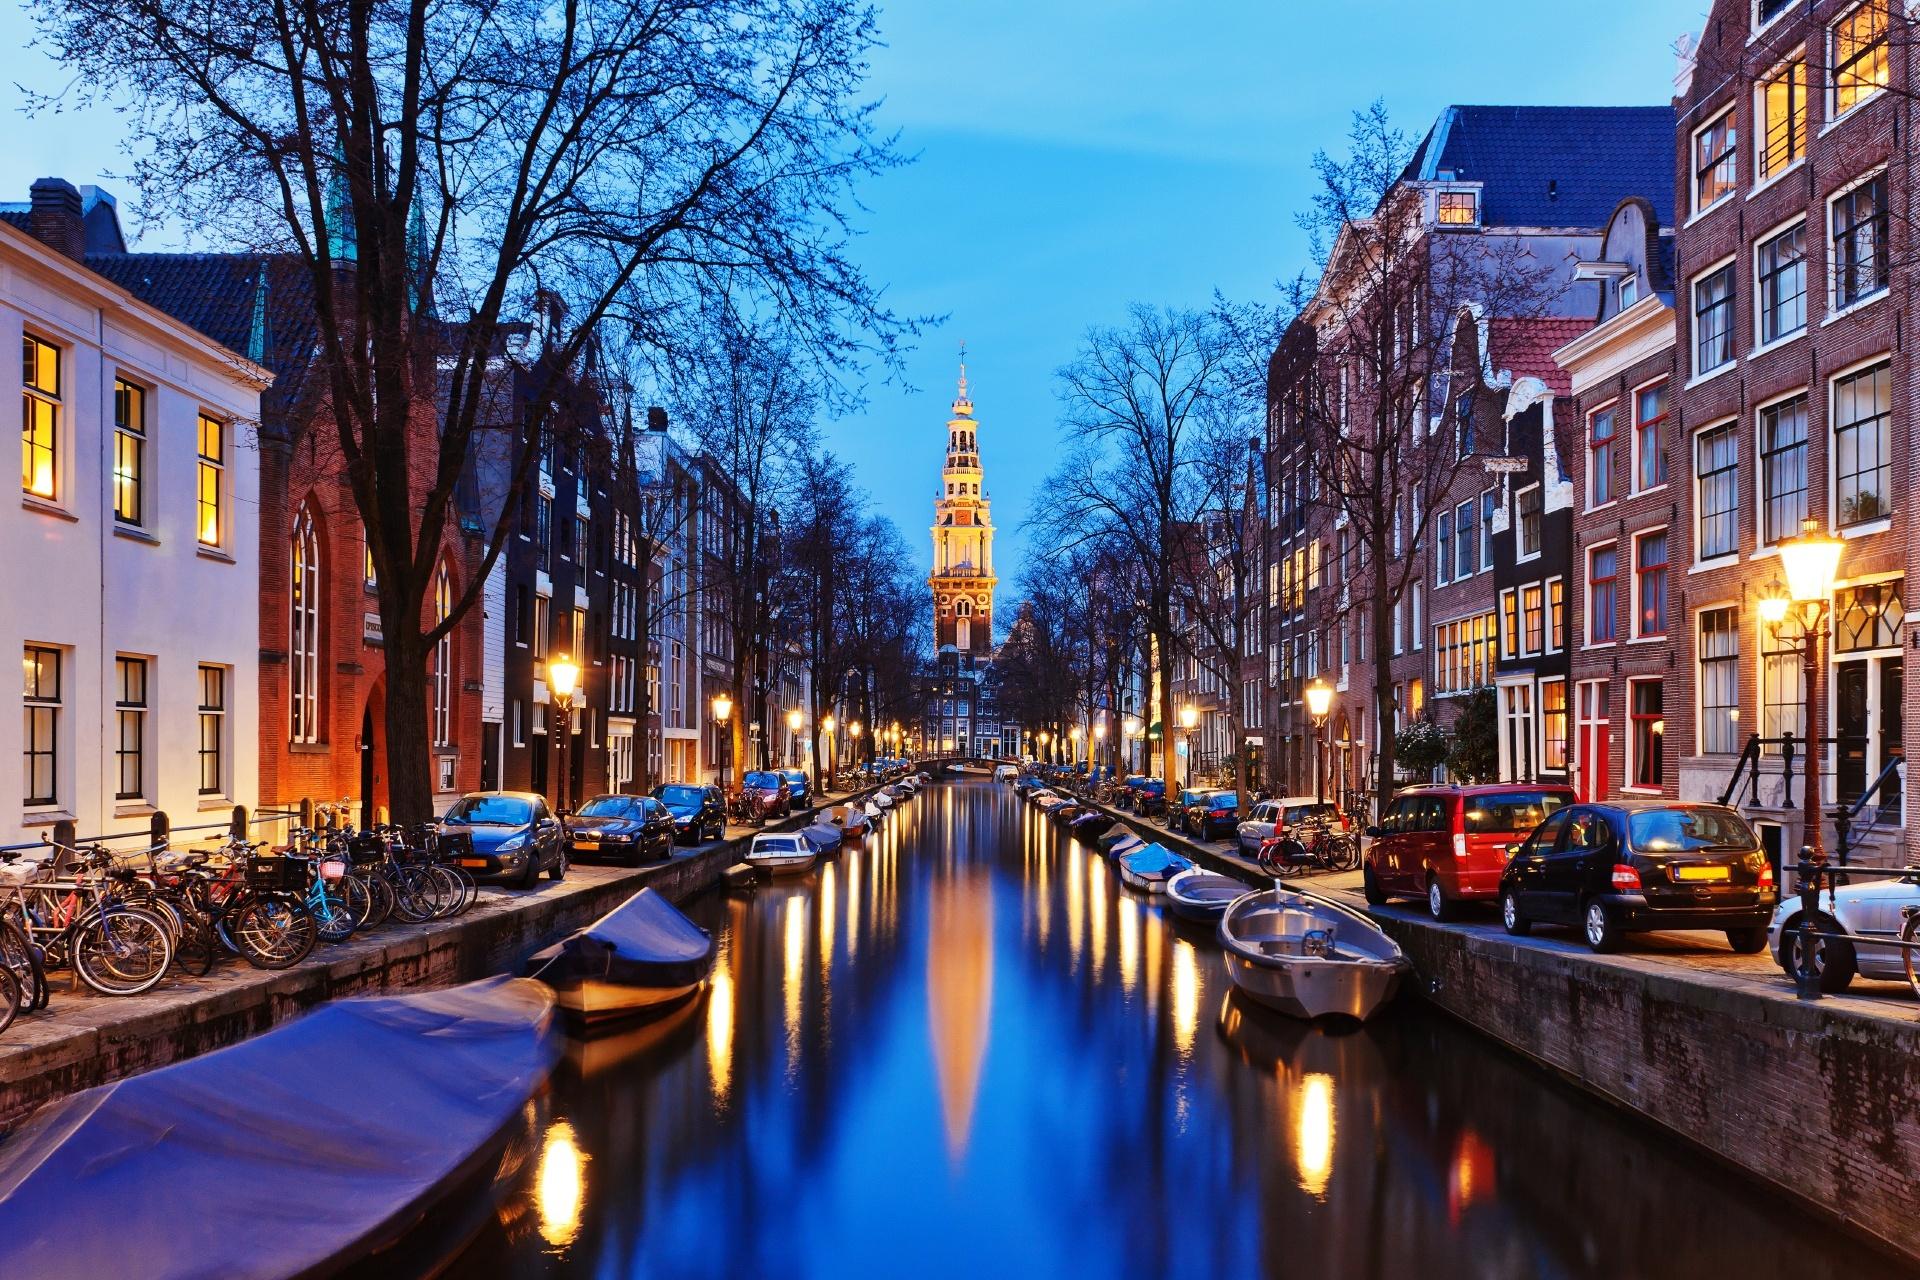 夜のアムステルダム ザイド教会と運河の風景 オランダの風景